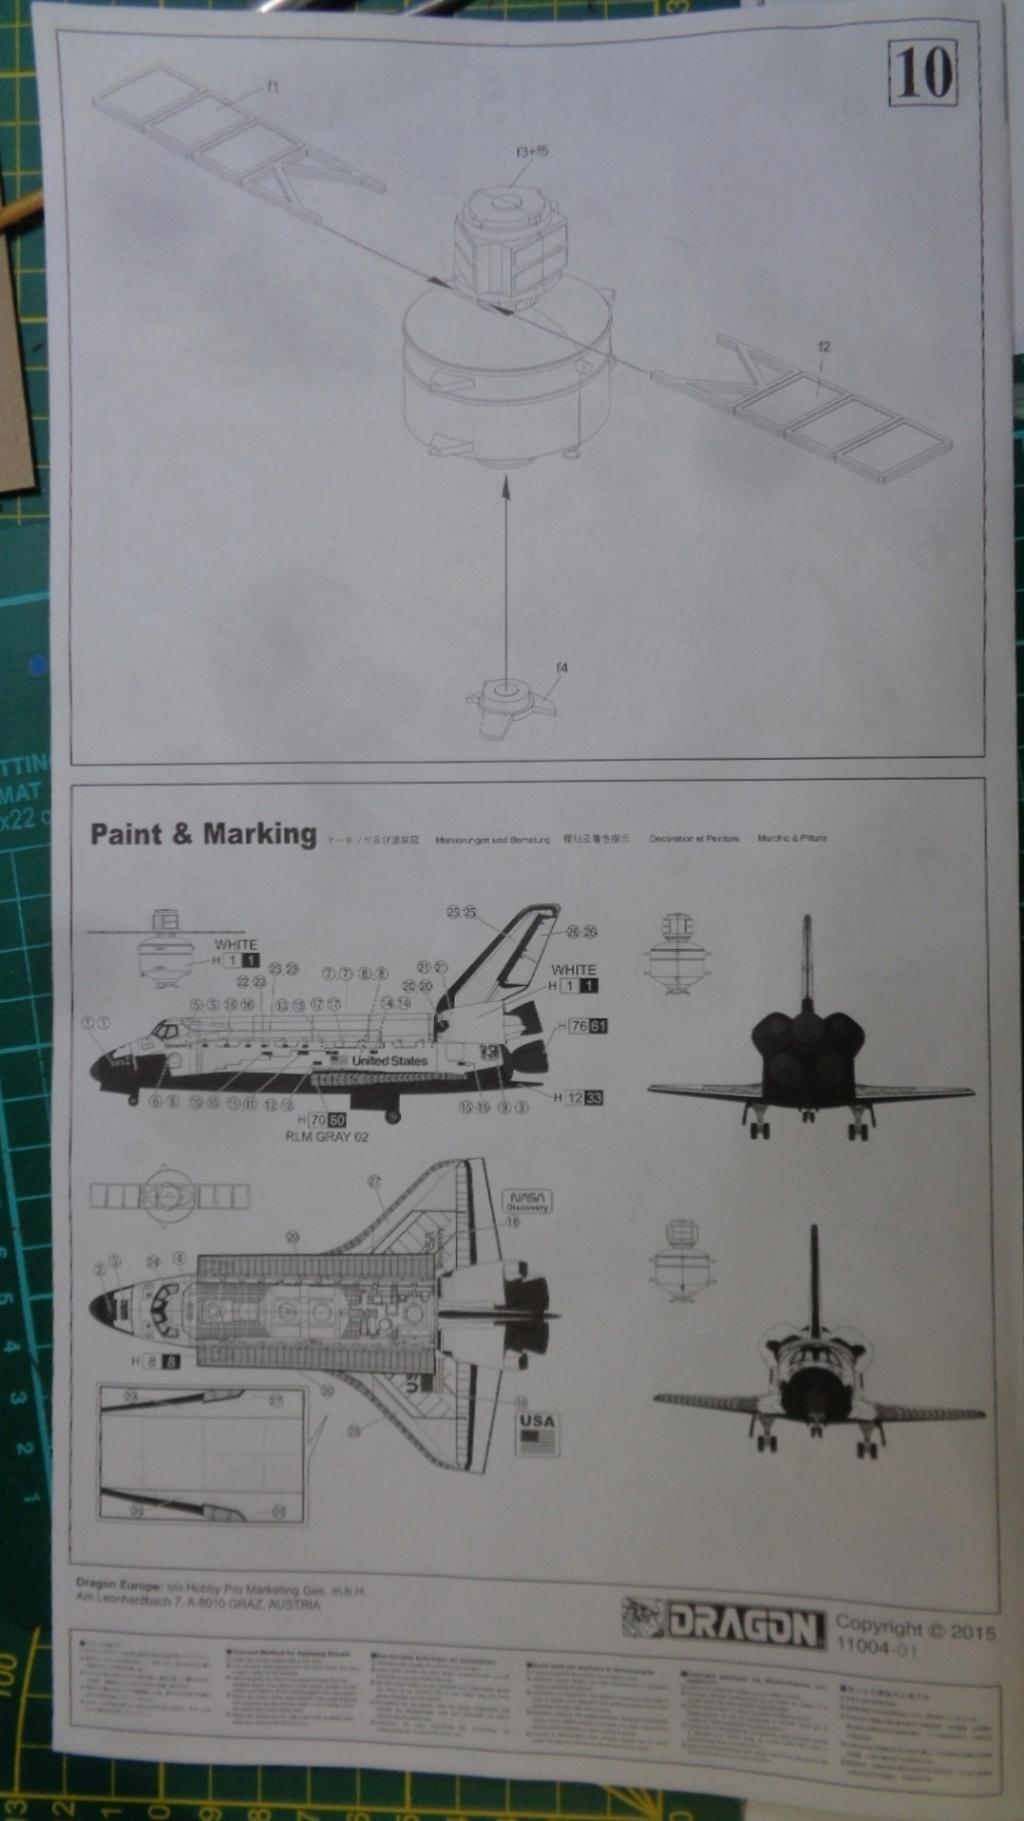 [DRAGON] Navette Spatial avec soute et satellite Réf  11004 1/144ème Dsc05750